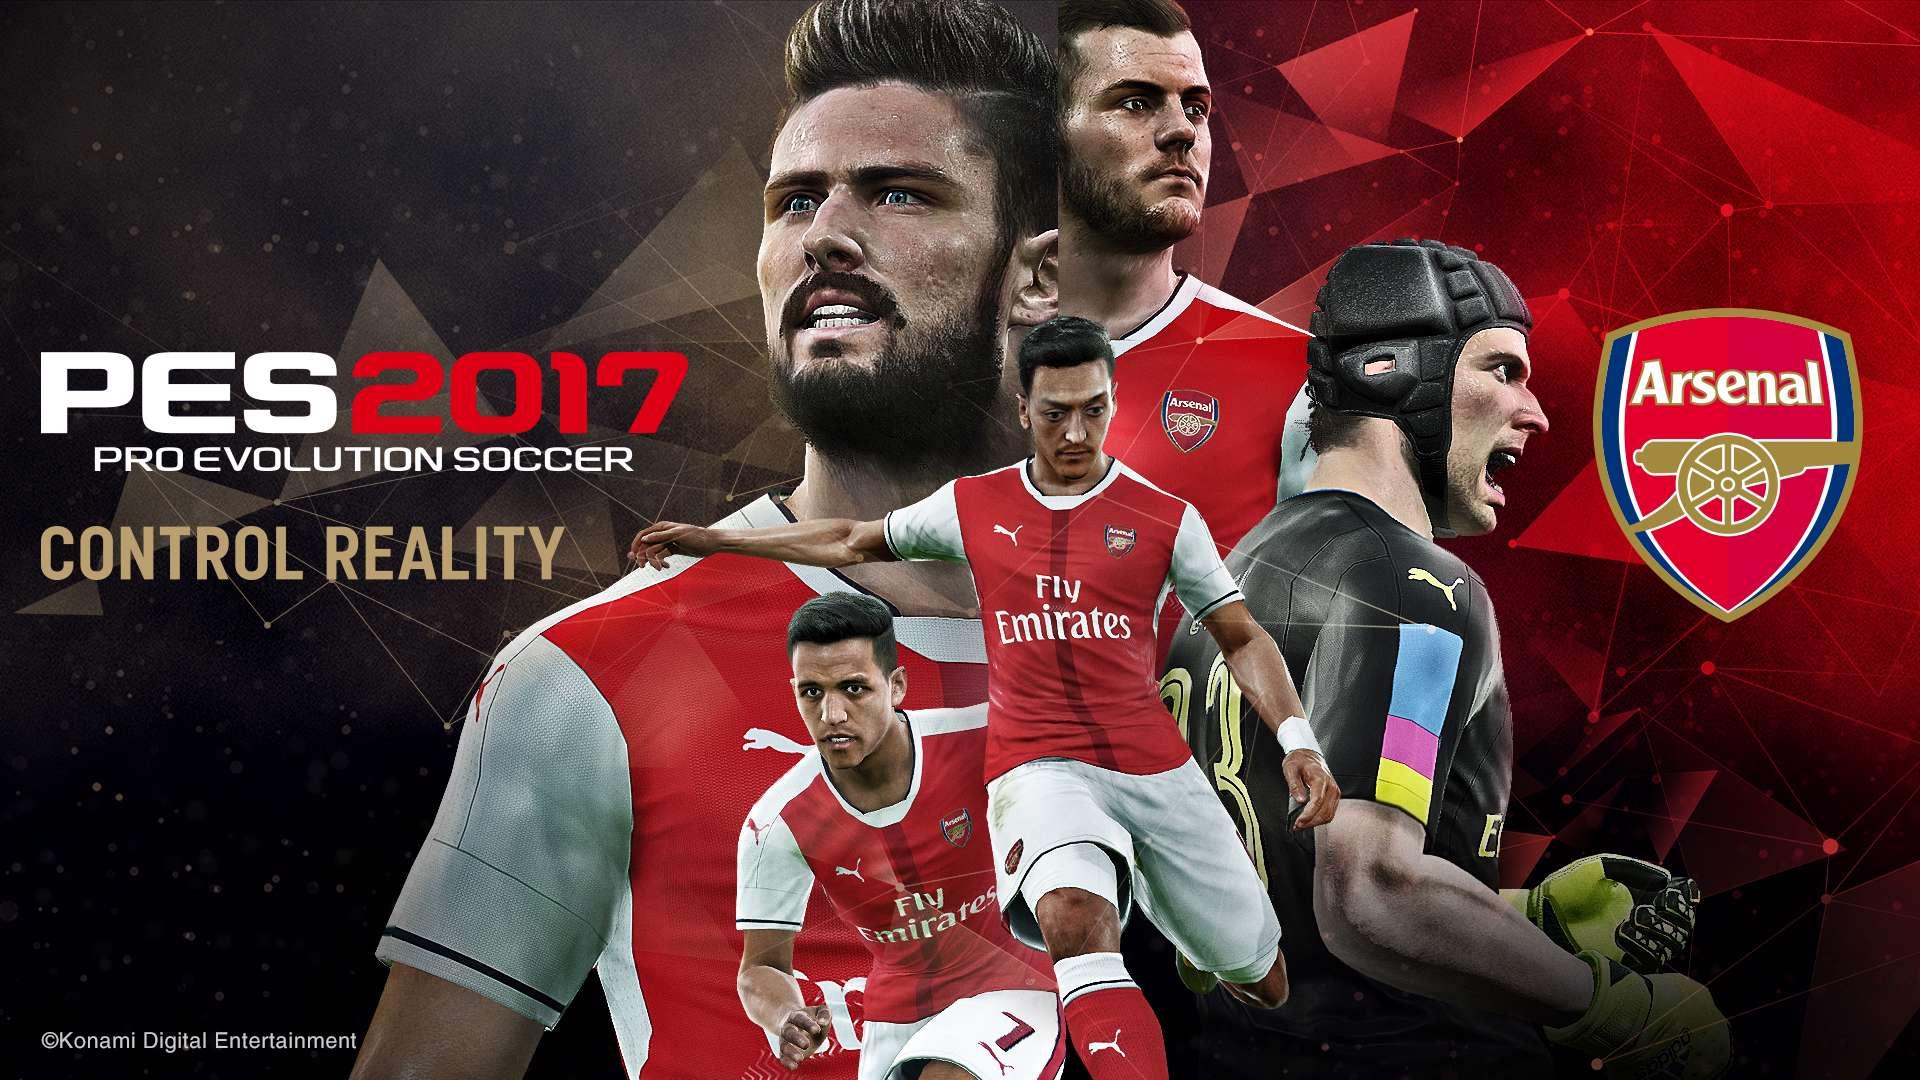 نیم نگاهی به Pro Evolution Soccer 2017